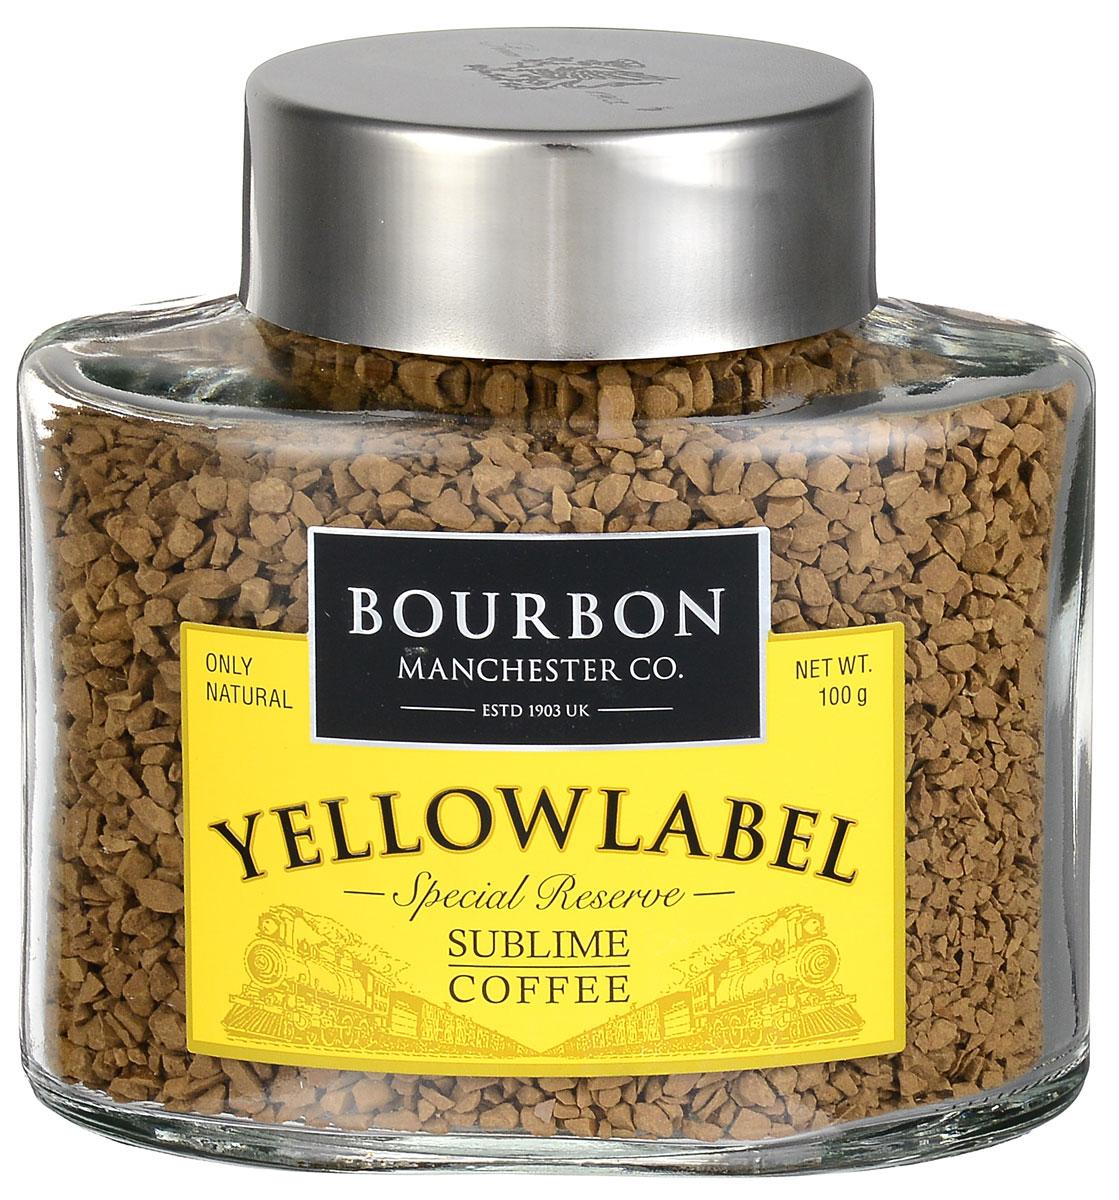 Bourbon Yellow Label кофе растворимый, 100 г4607141336737Bourbon Yellow Label - купаж отборных зерен Латинской Америки. Ягоды желтого бурбона высушены прямо на дереве. Именно поэтому кофе имеет сладковатую сливочную доминанту во вкусе. Благодаря колумбийской арабике остается нежный фруктовый аромат, а премиальная костариканская арабика вносит свои шоколадный и пряные нотки в послевкусие.